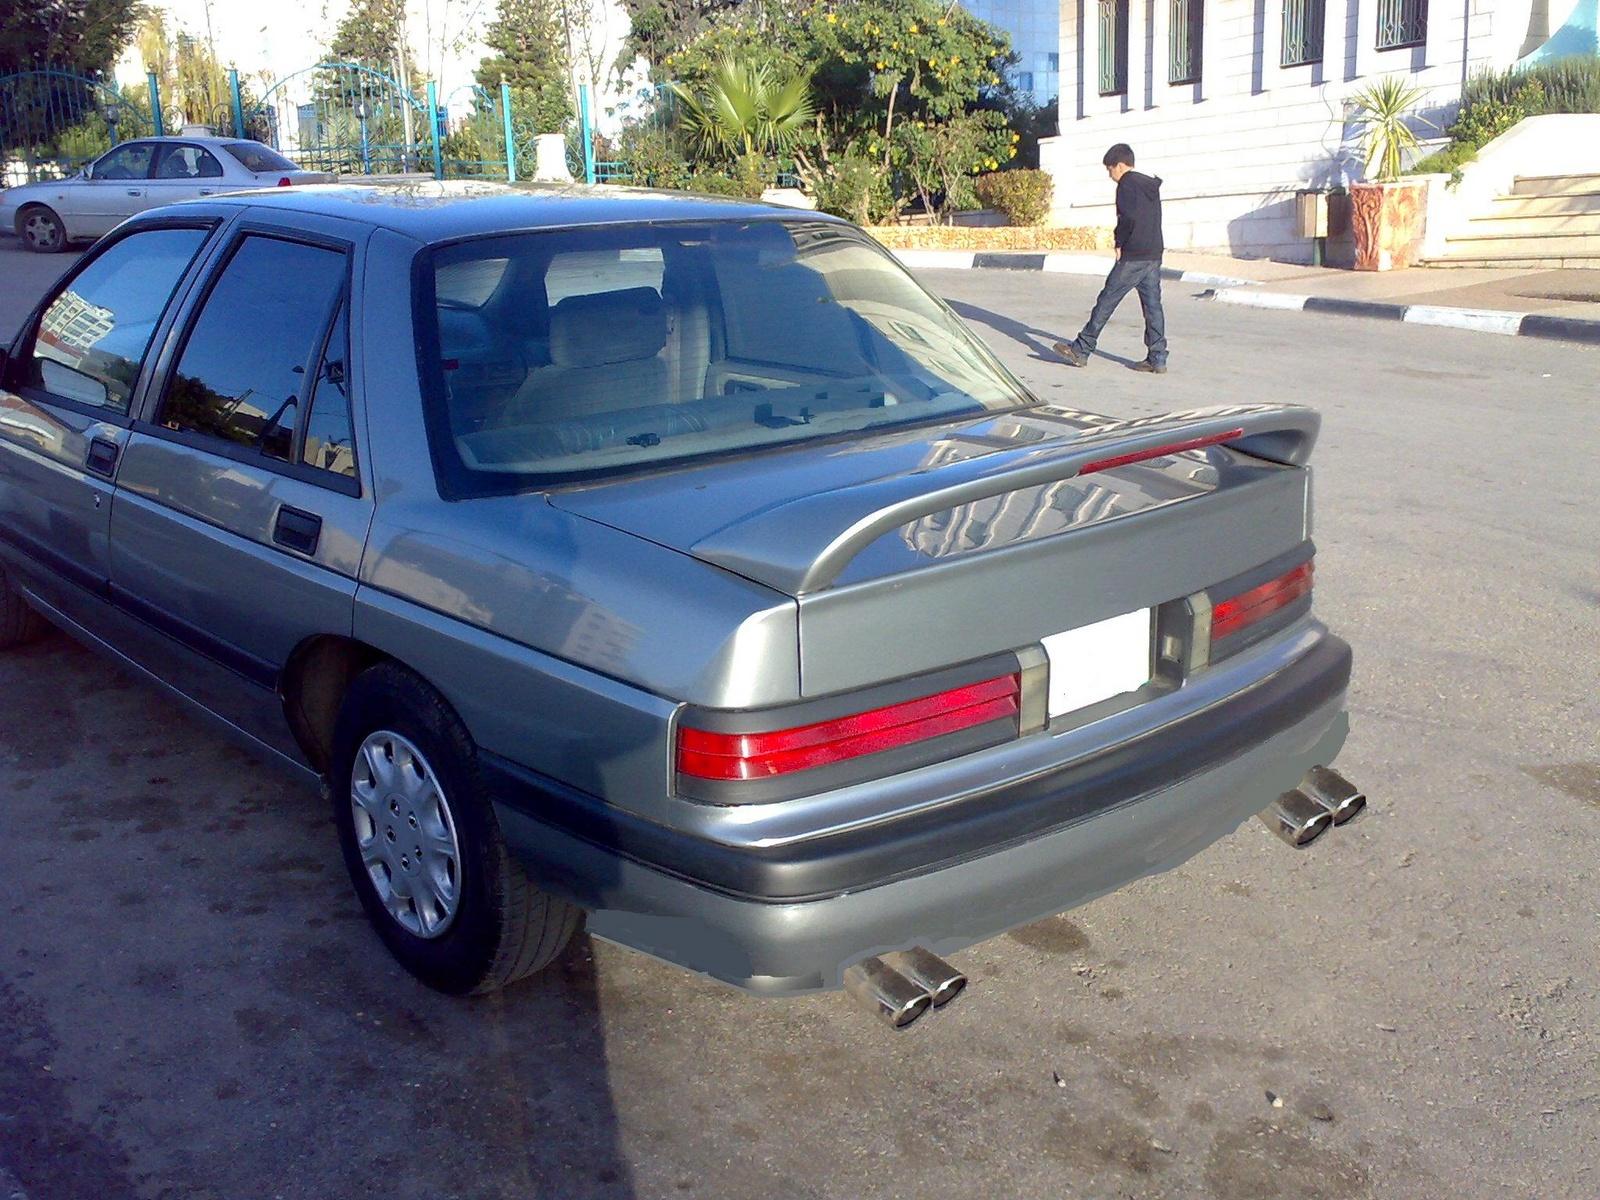 Chevrolet Corsica 1993 foto - 1